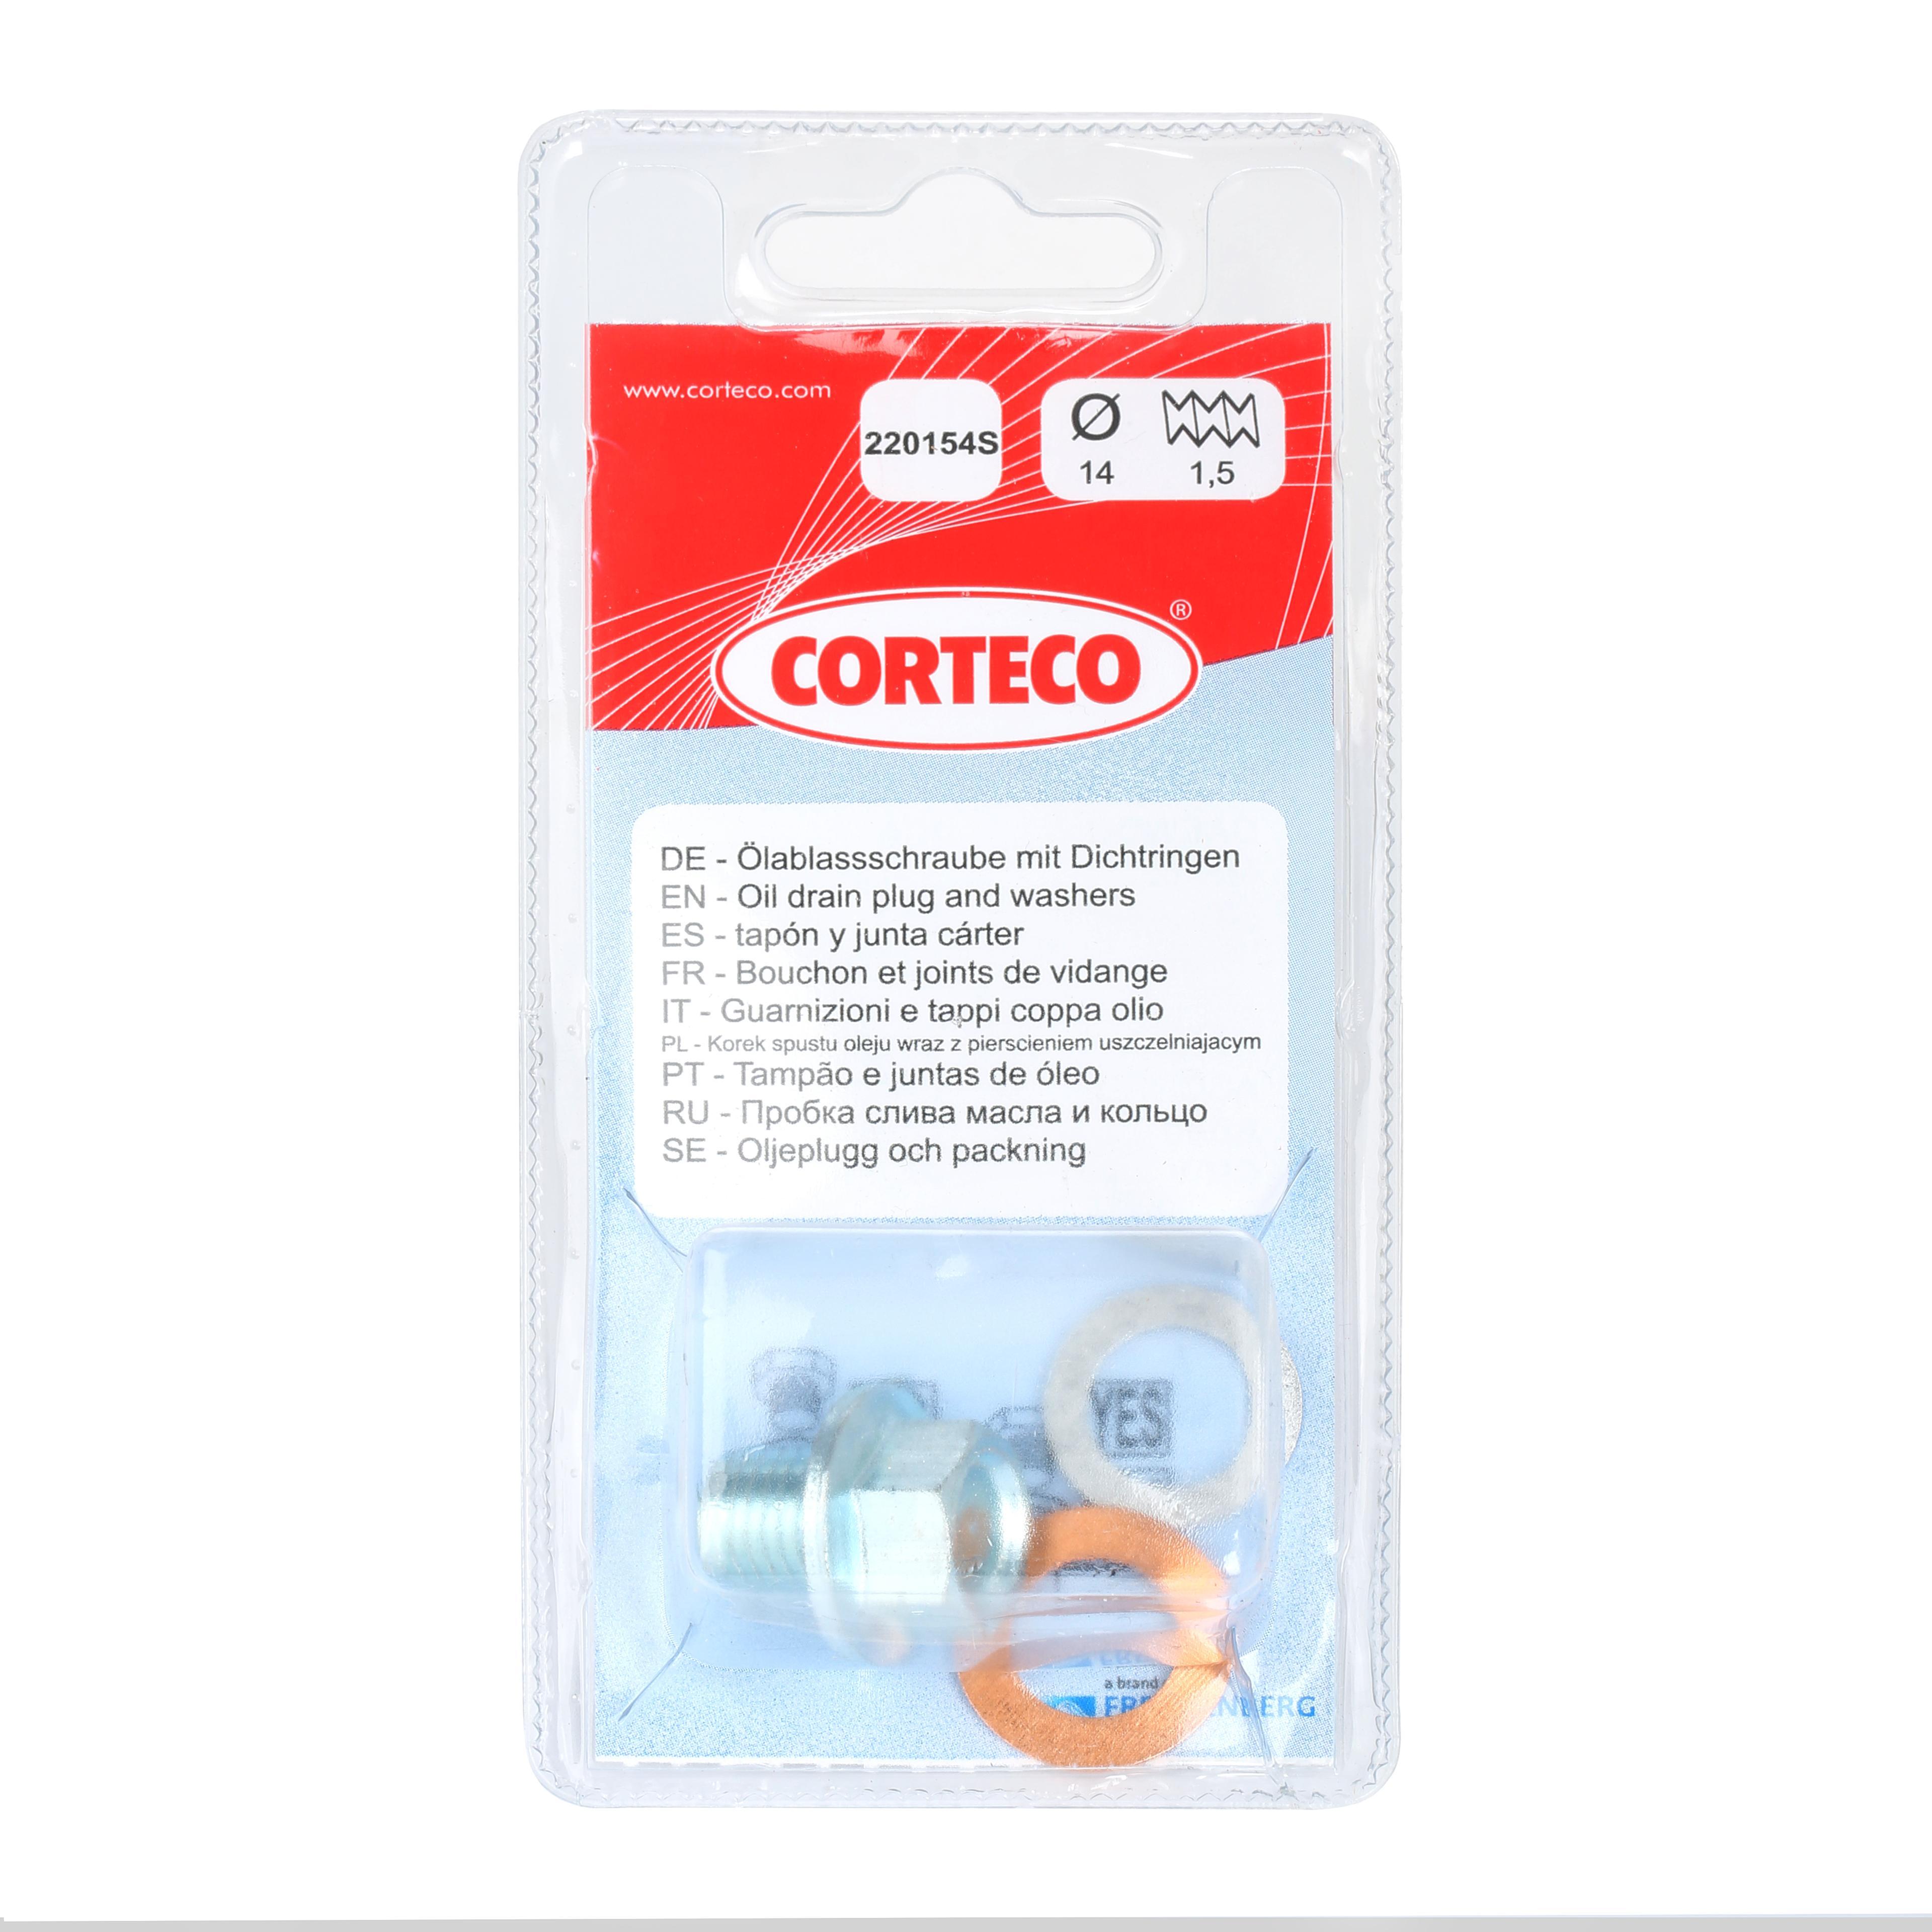 Tappo Coppa Olio 220154S CORTECO 84920154 di qualità originale